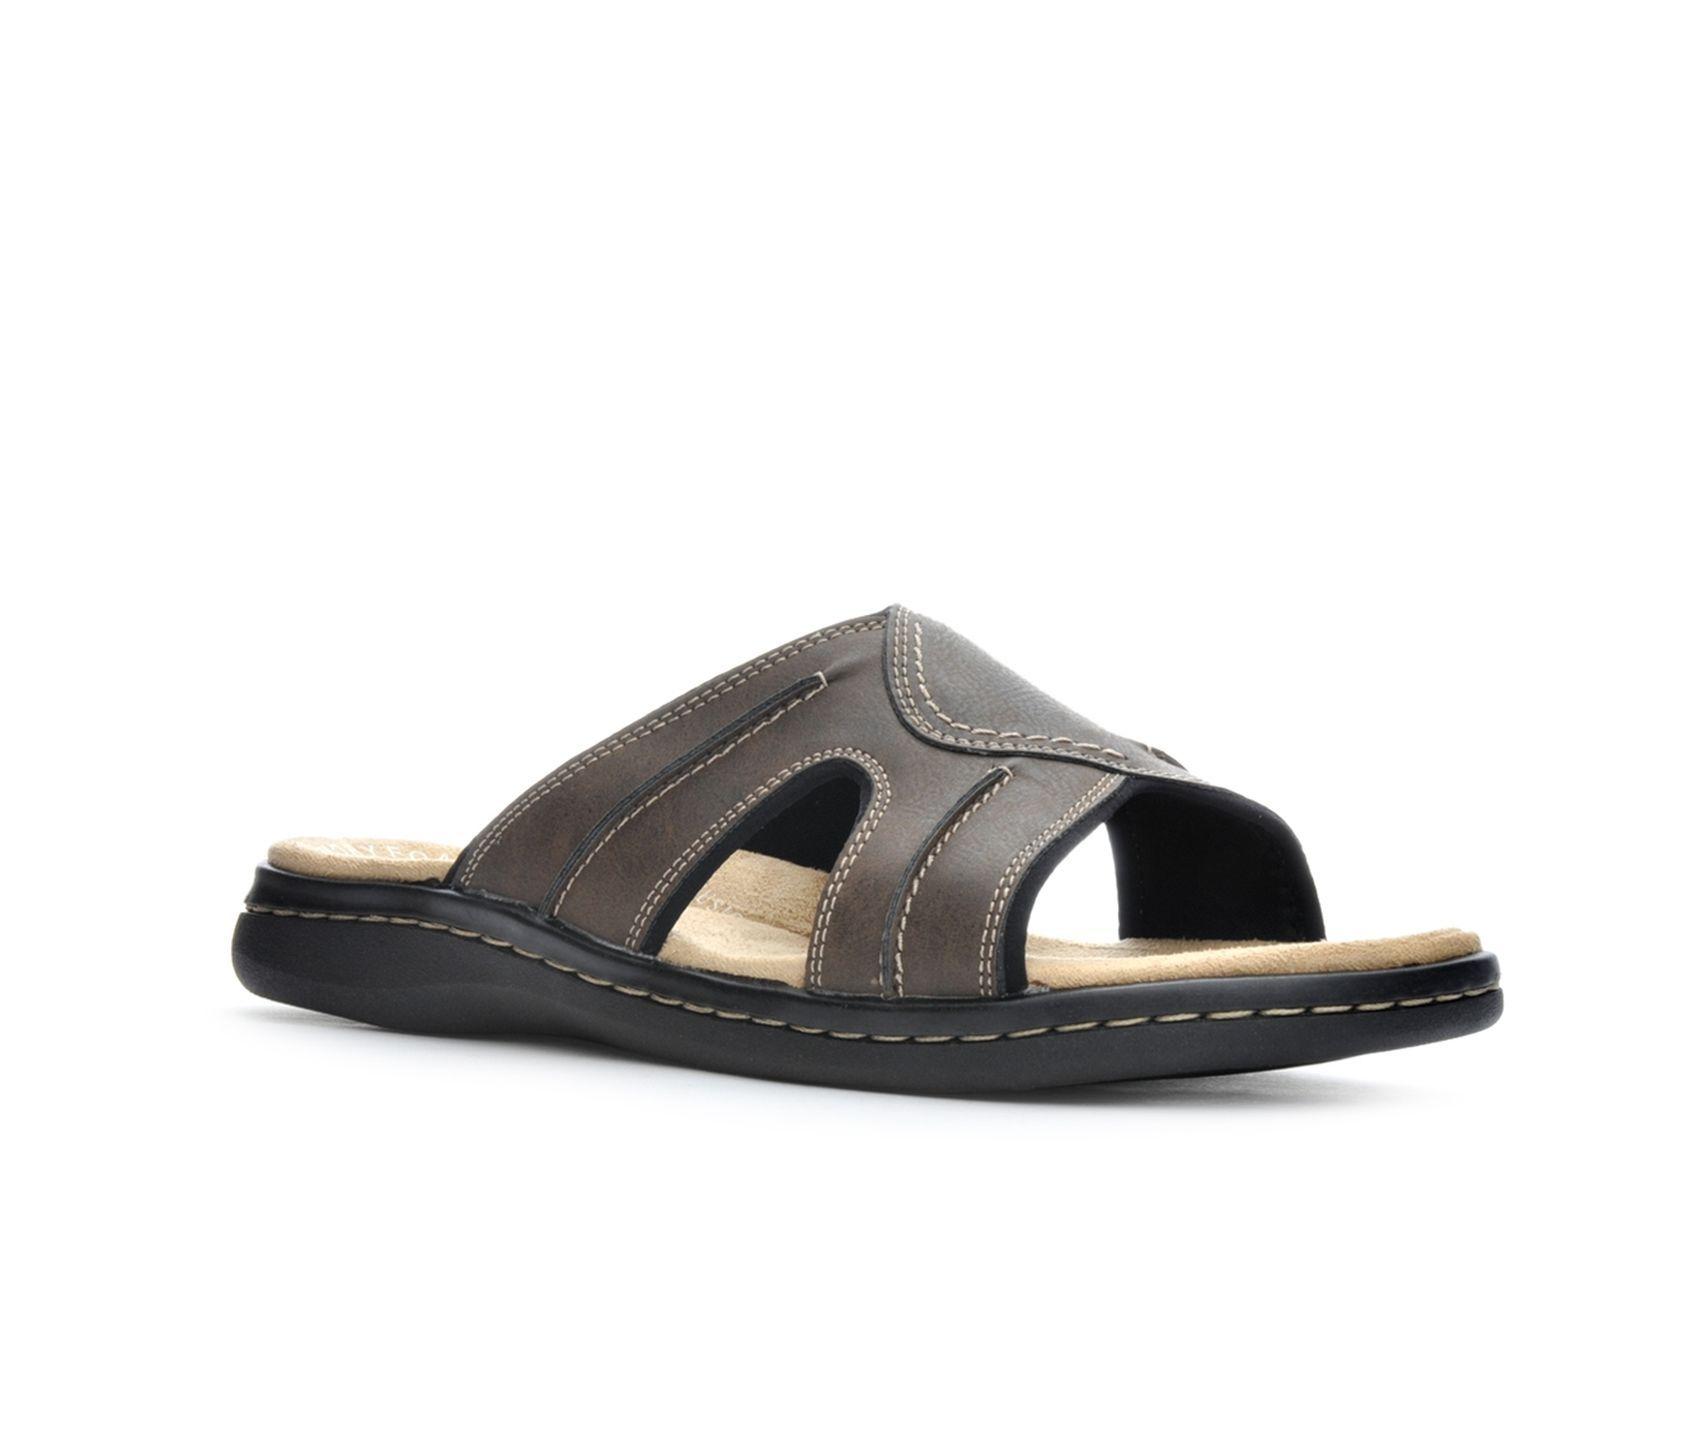 8b9709c6c0a23d Men s Dockers Sunland Outdoor Sandals